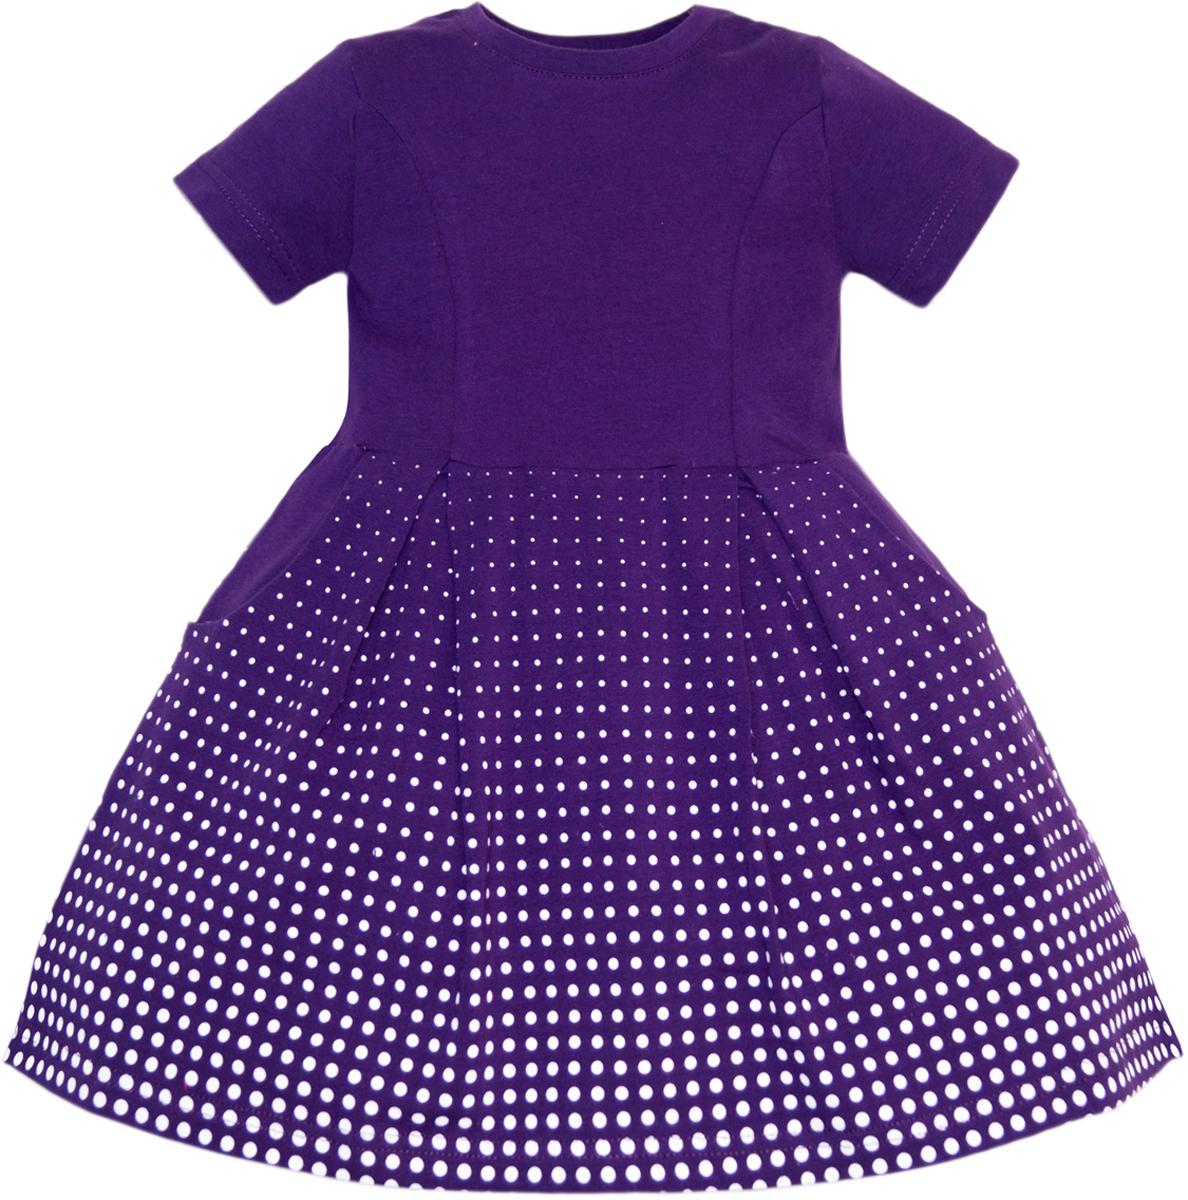 Платье для девочки Let's Go, цвет: фиолетовый. 8126. Размер 122, Одежда для девочек  - купить со скидкой